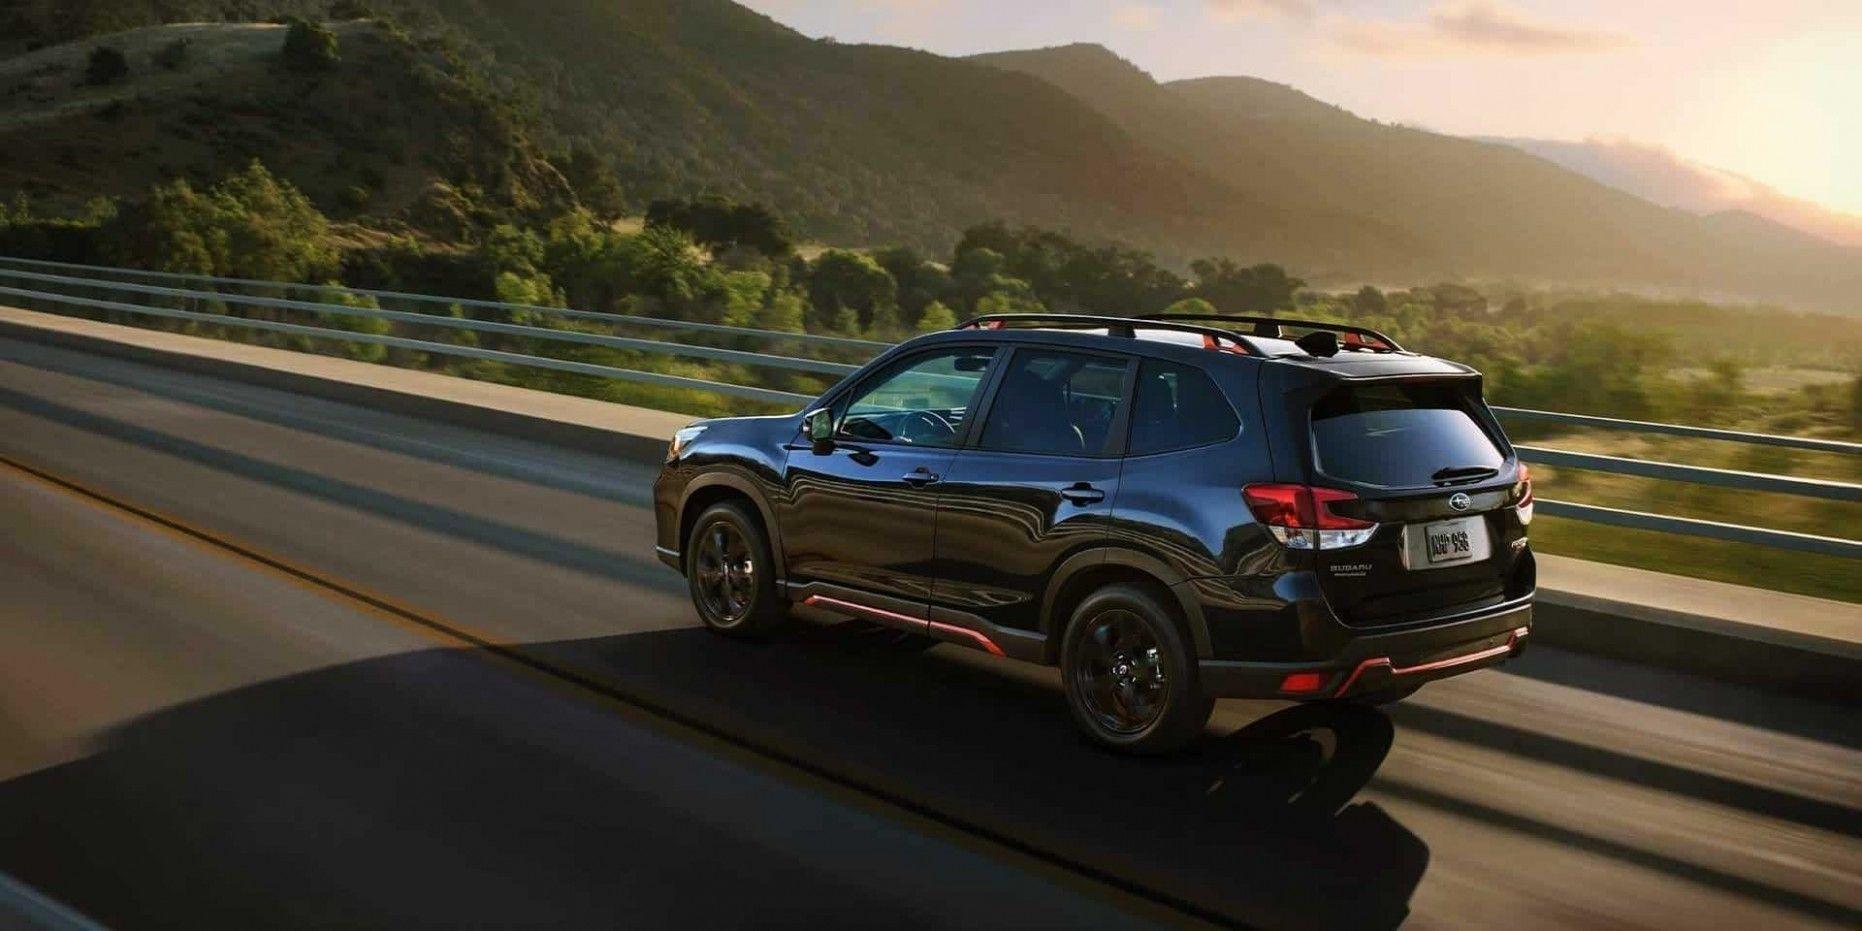 2020 Subaru Sports Car Price And Release Subaru sport